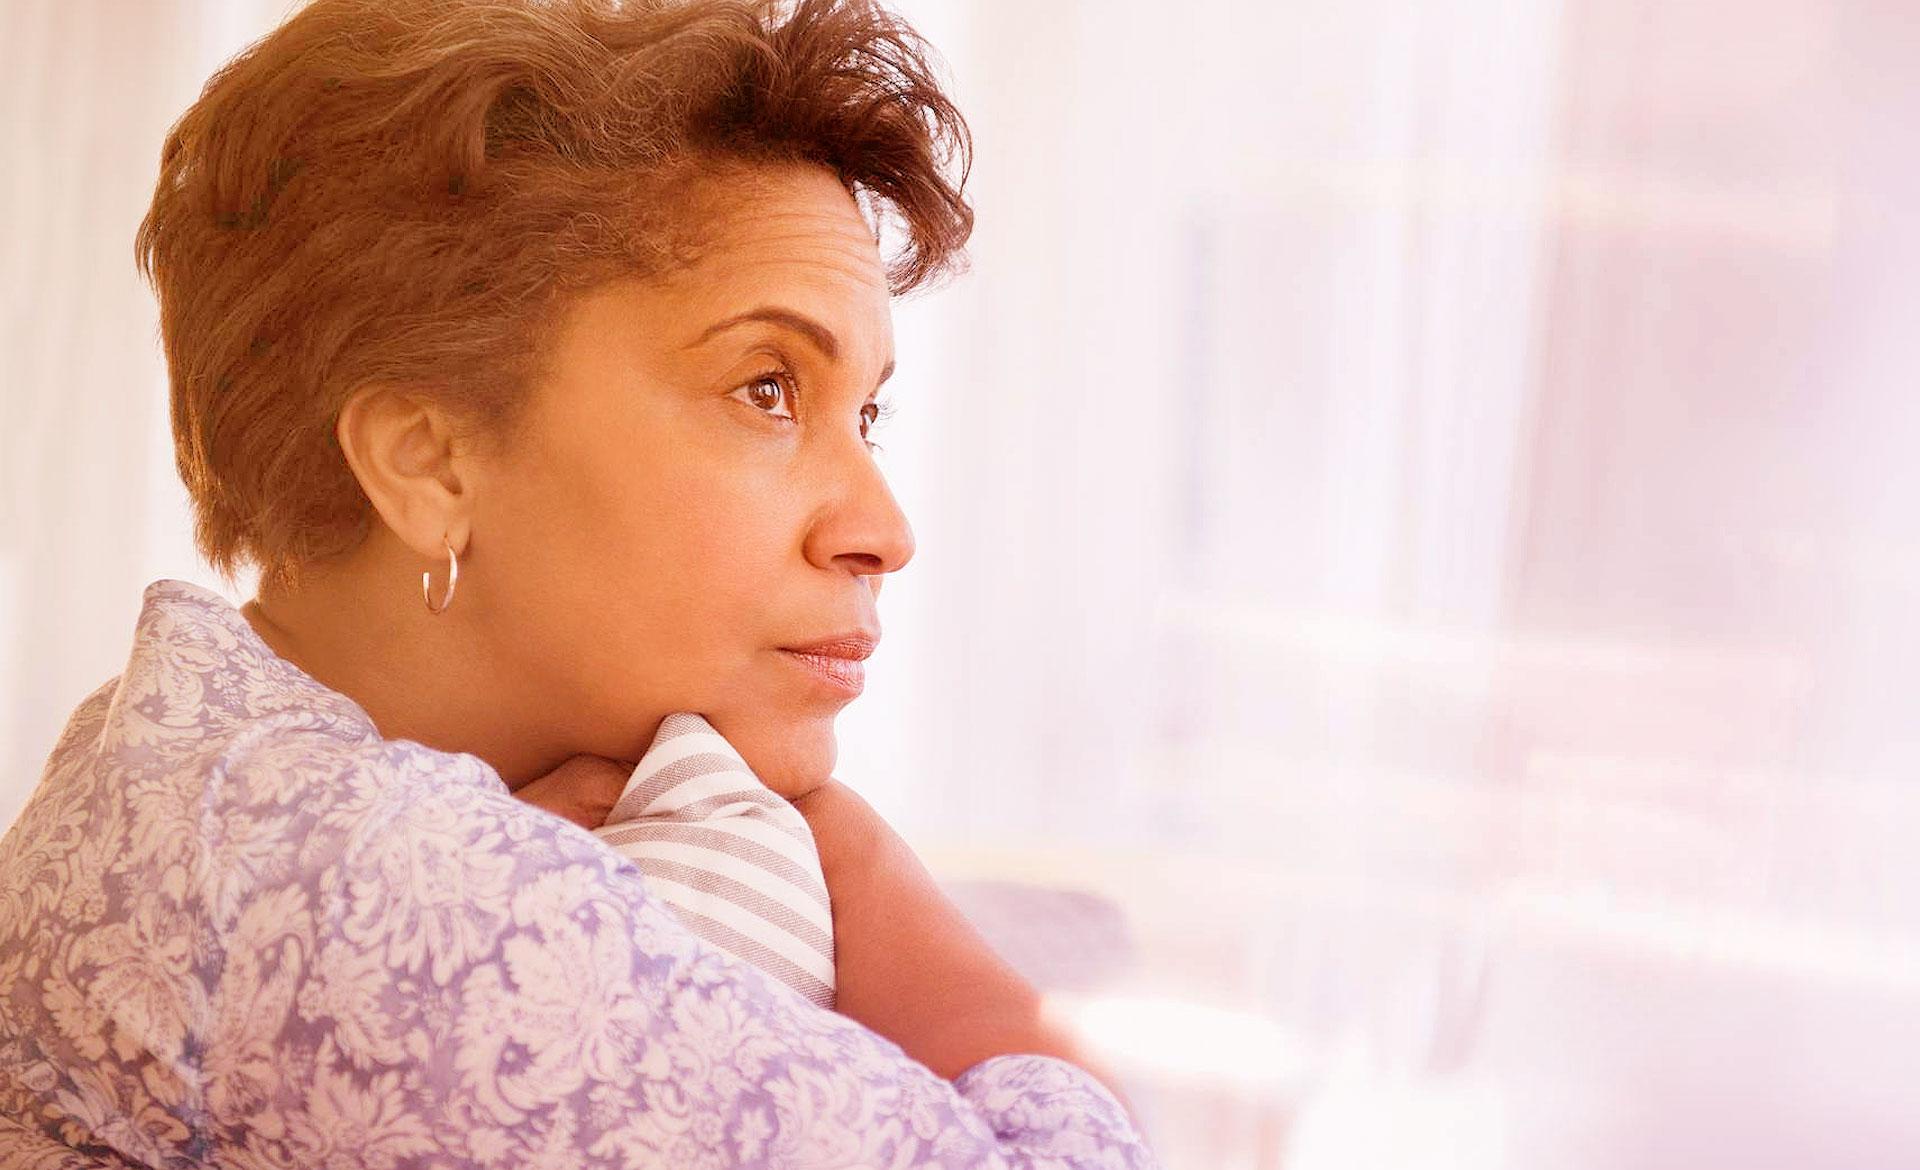 Tenho carcinoma mucinoso de mama, e agora?